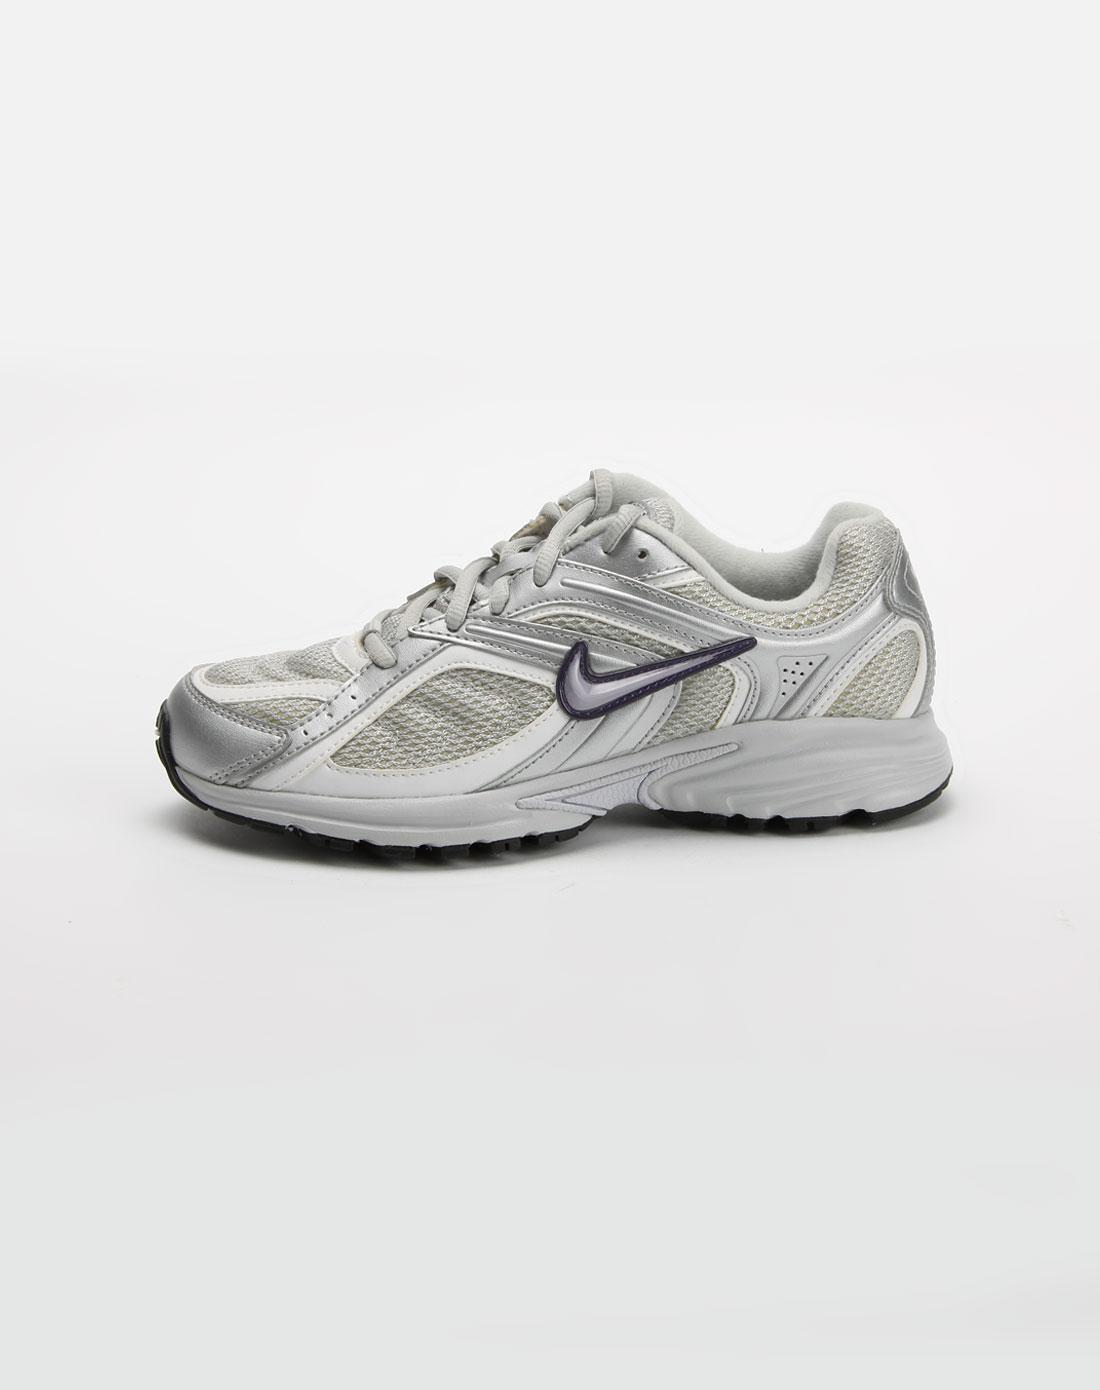 女款银灰色跑步鞋_耐克nike-女鞋专场特价3.8折起